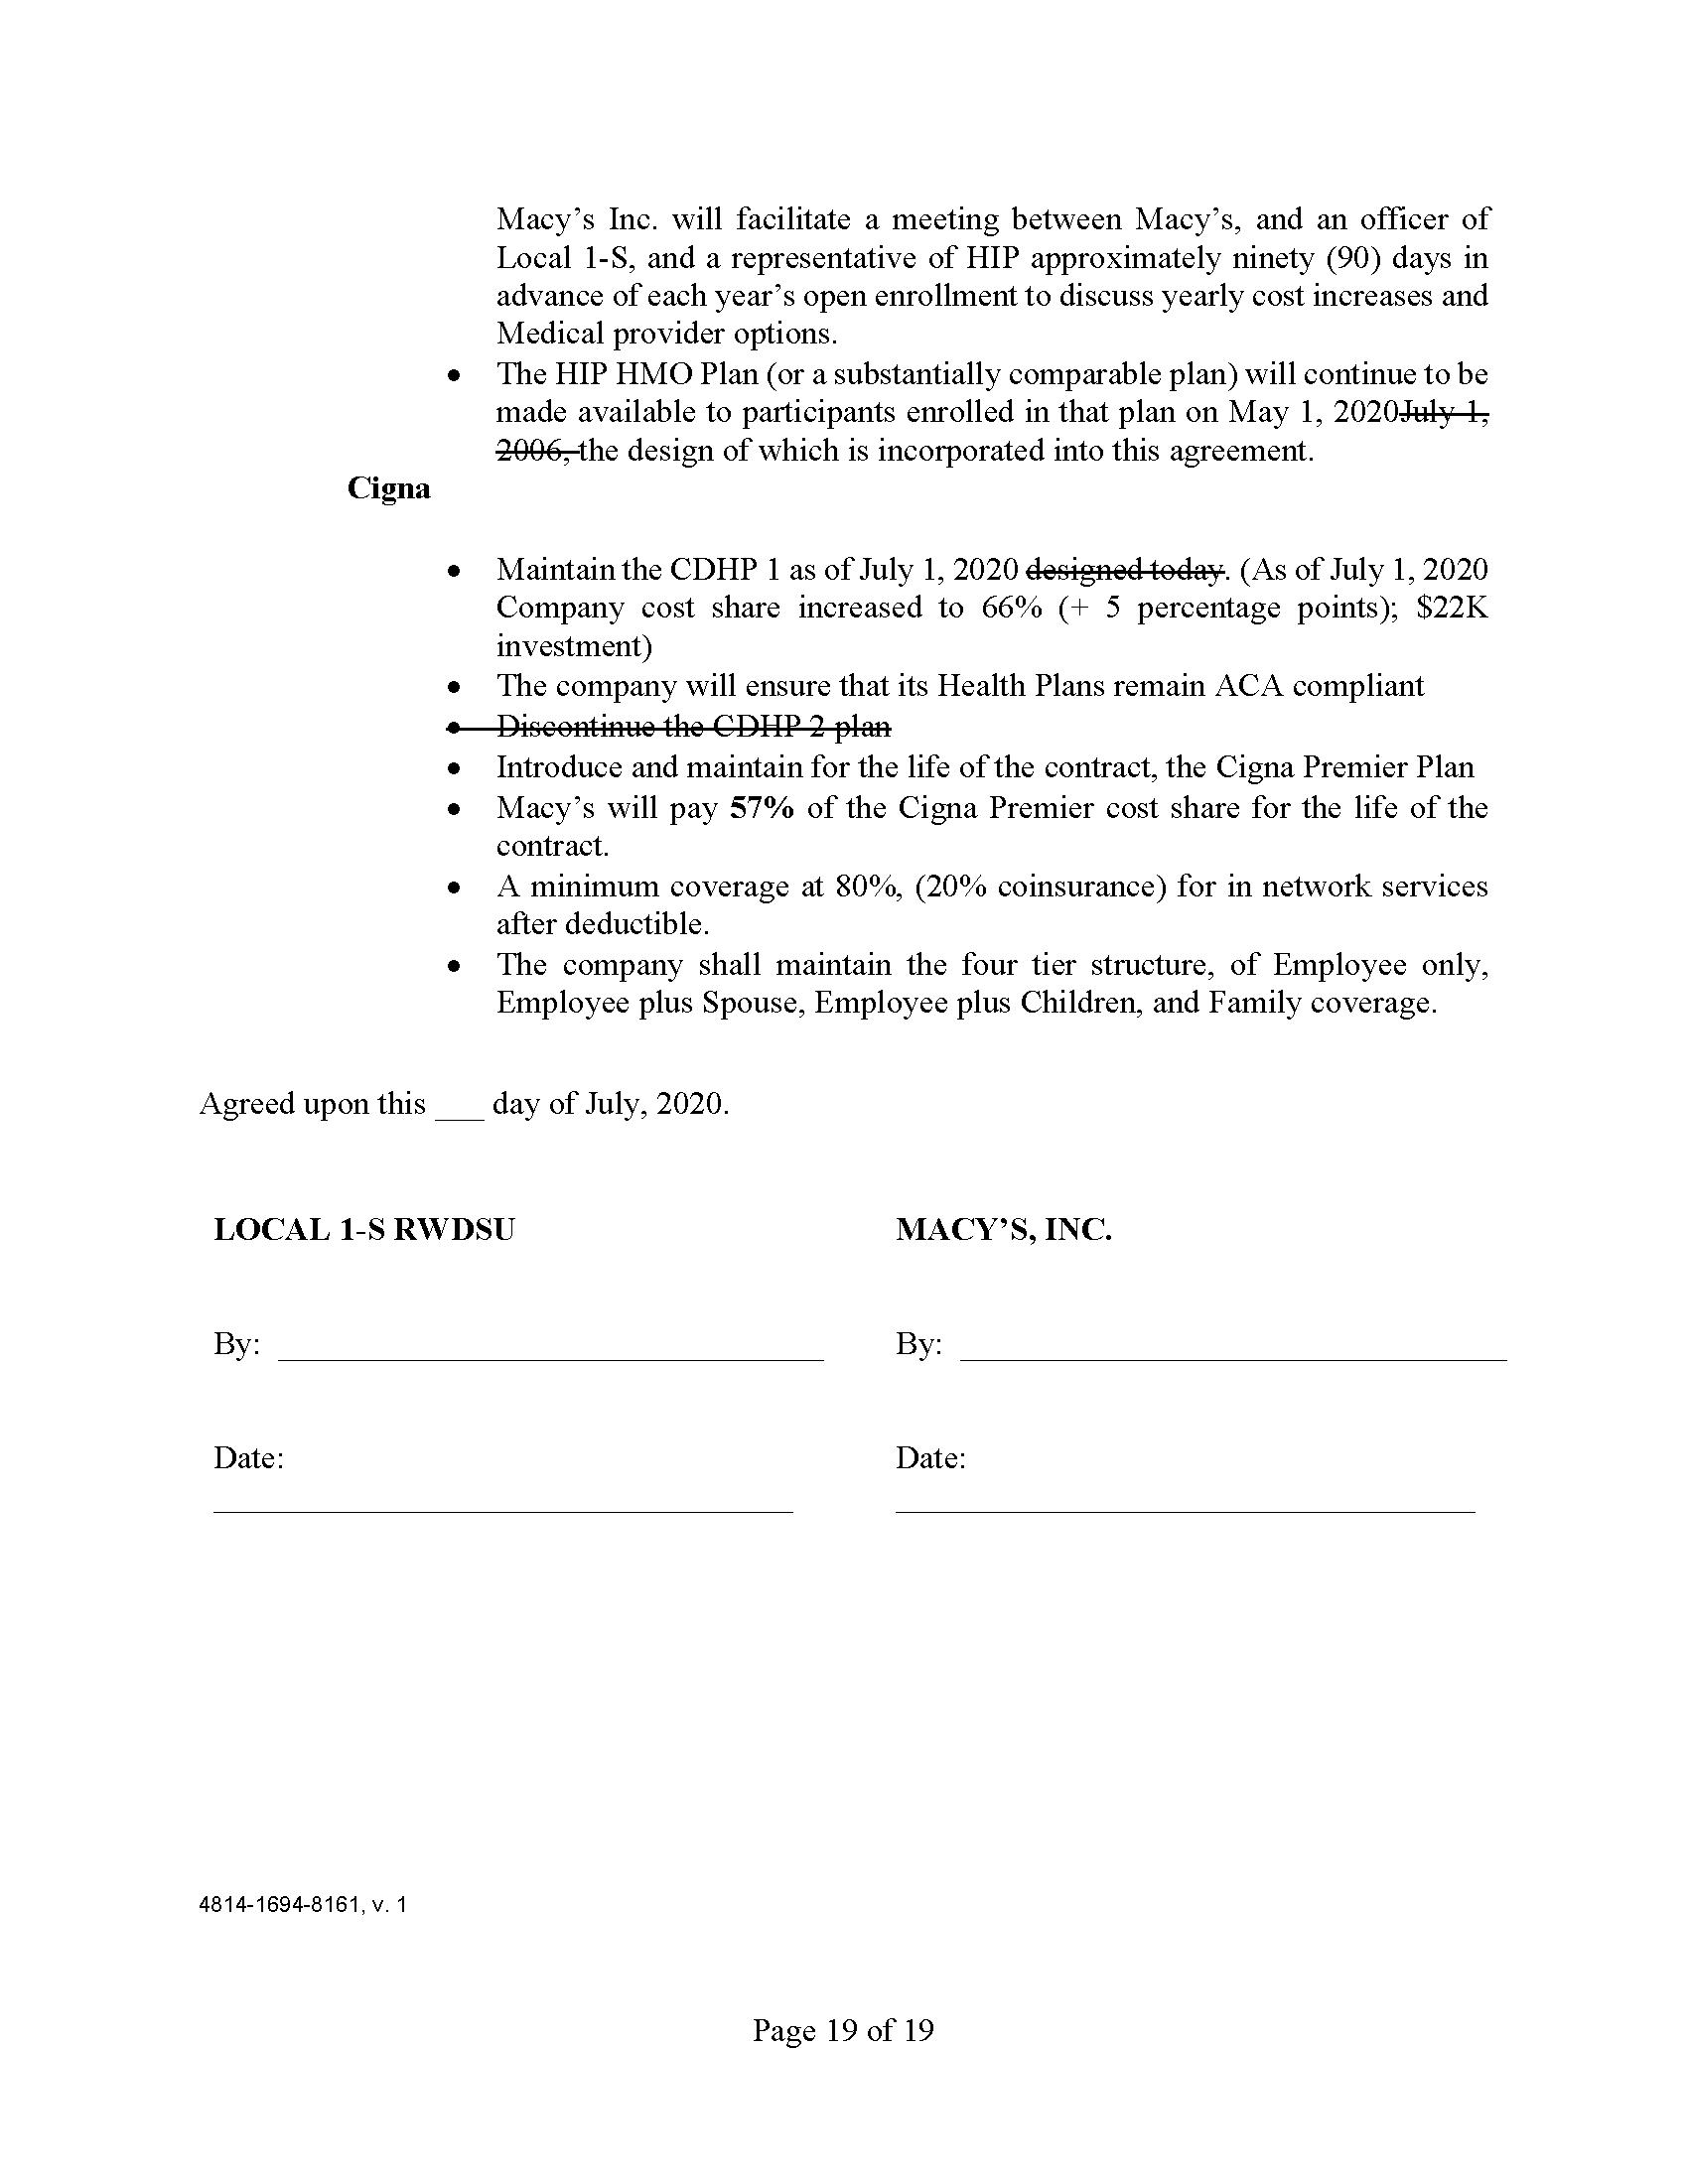 Memorandum_of_Agreement_10484__Page_19.png